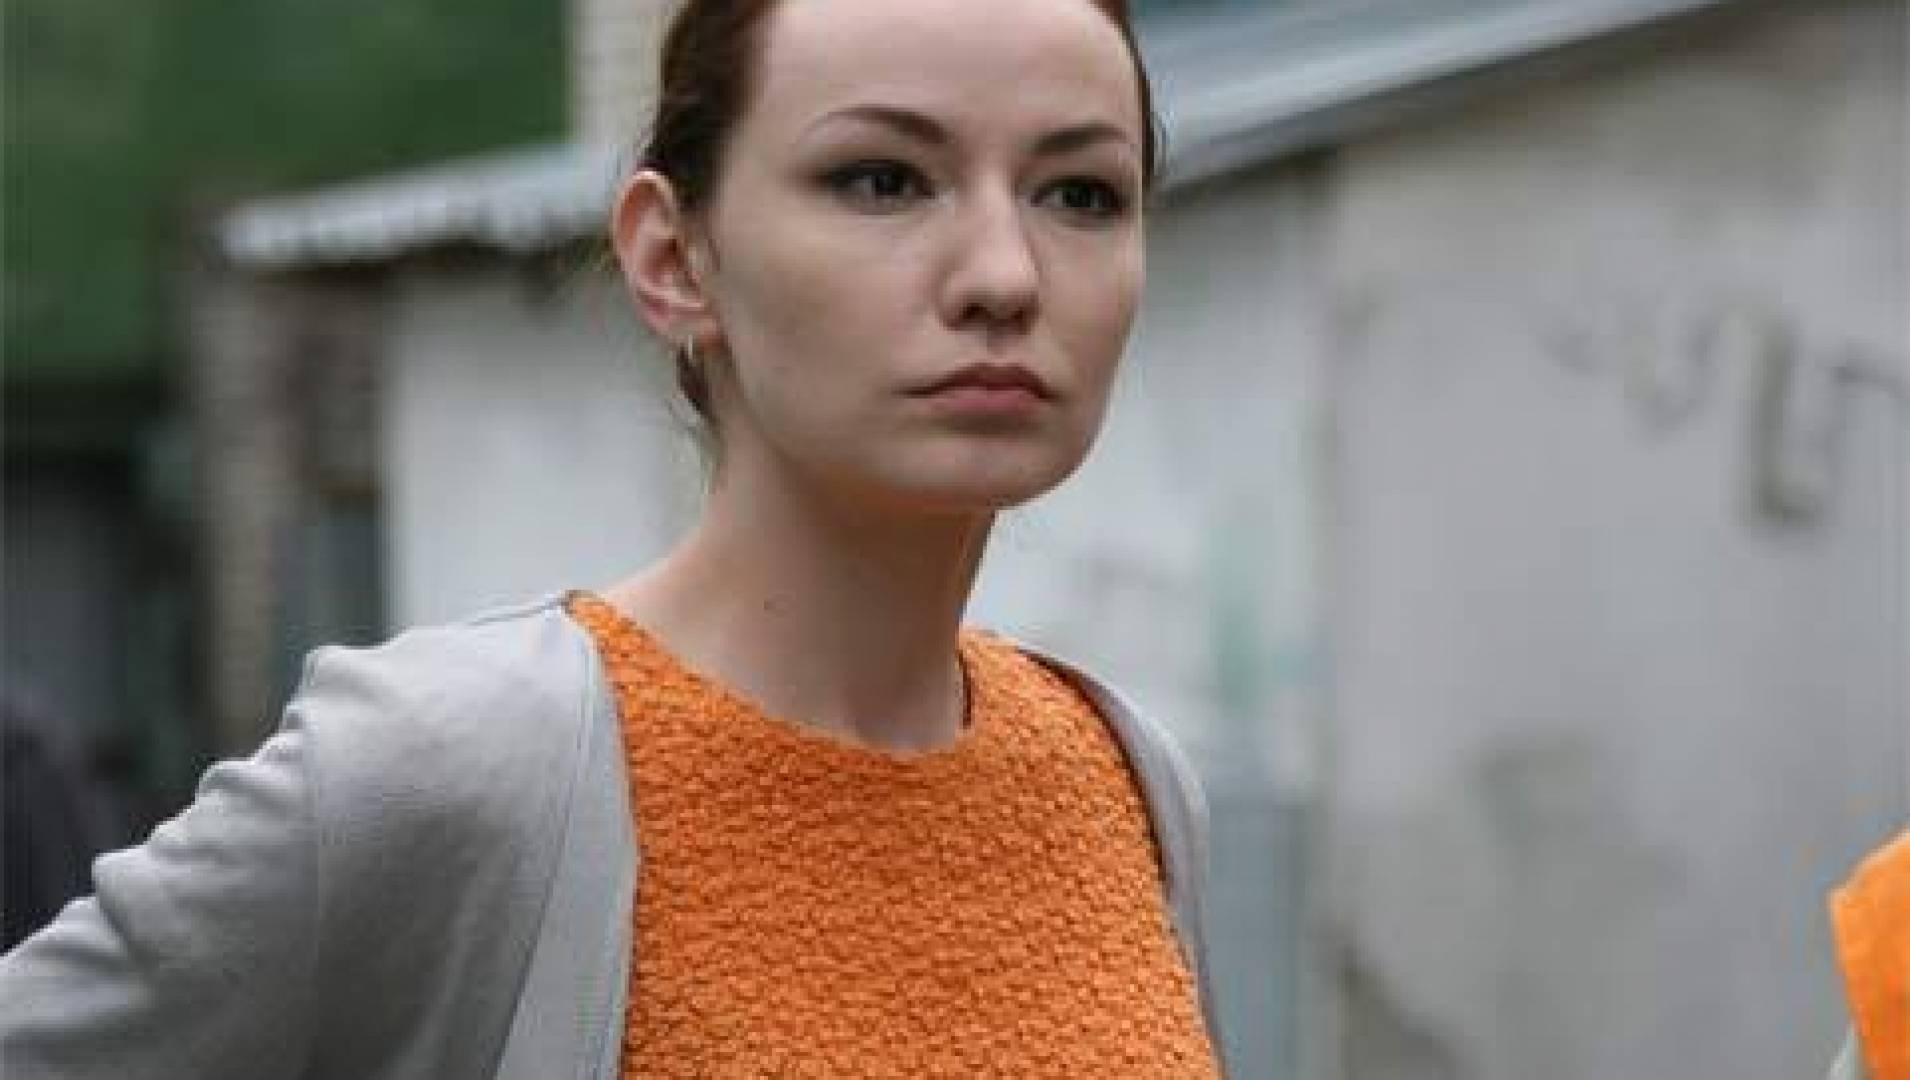 Спальный район - Фильм, Кинороман